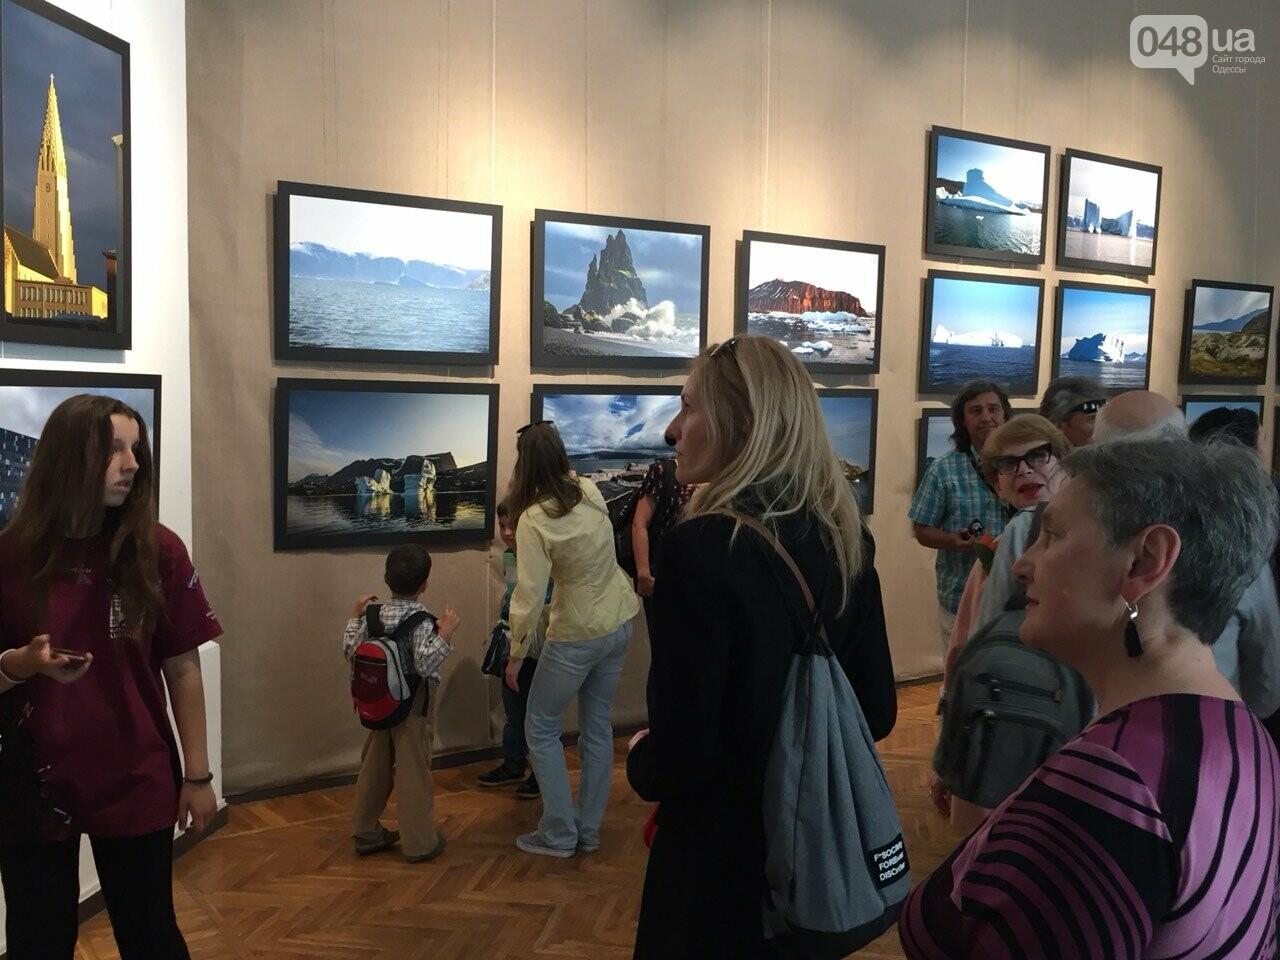 Арктическая сага: На фотовыставке в Одессе можно помочь детям, - ФОТО, ВИДЕО, фото-22